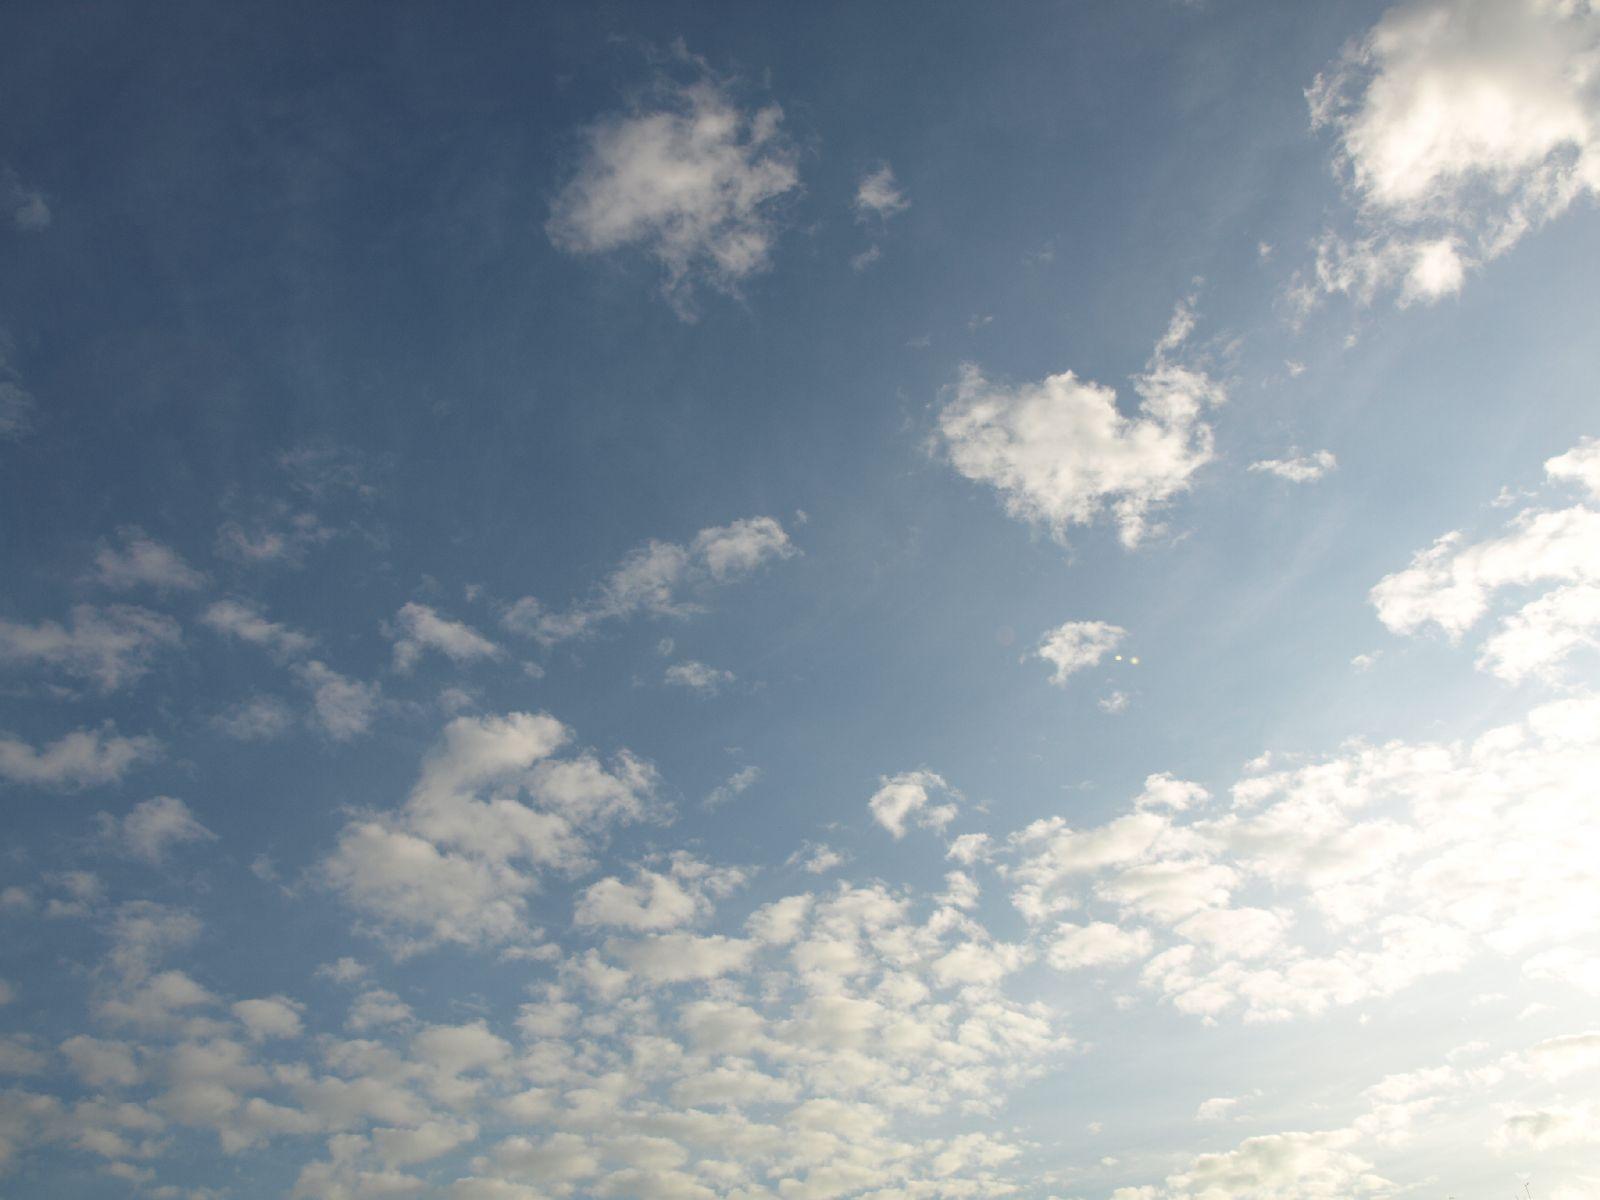 Himmel-Wolken-Foto_Textur_A_P9114791